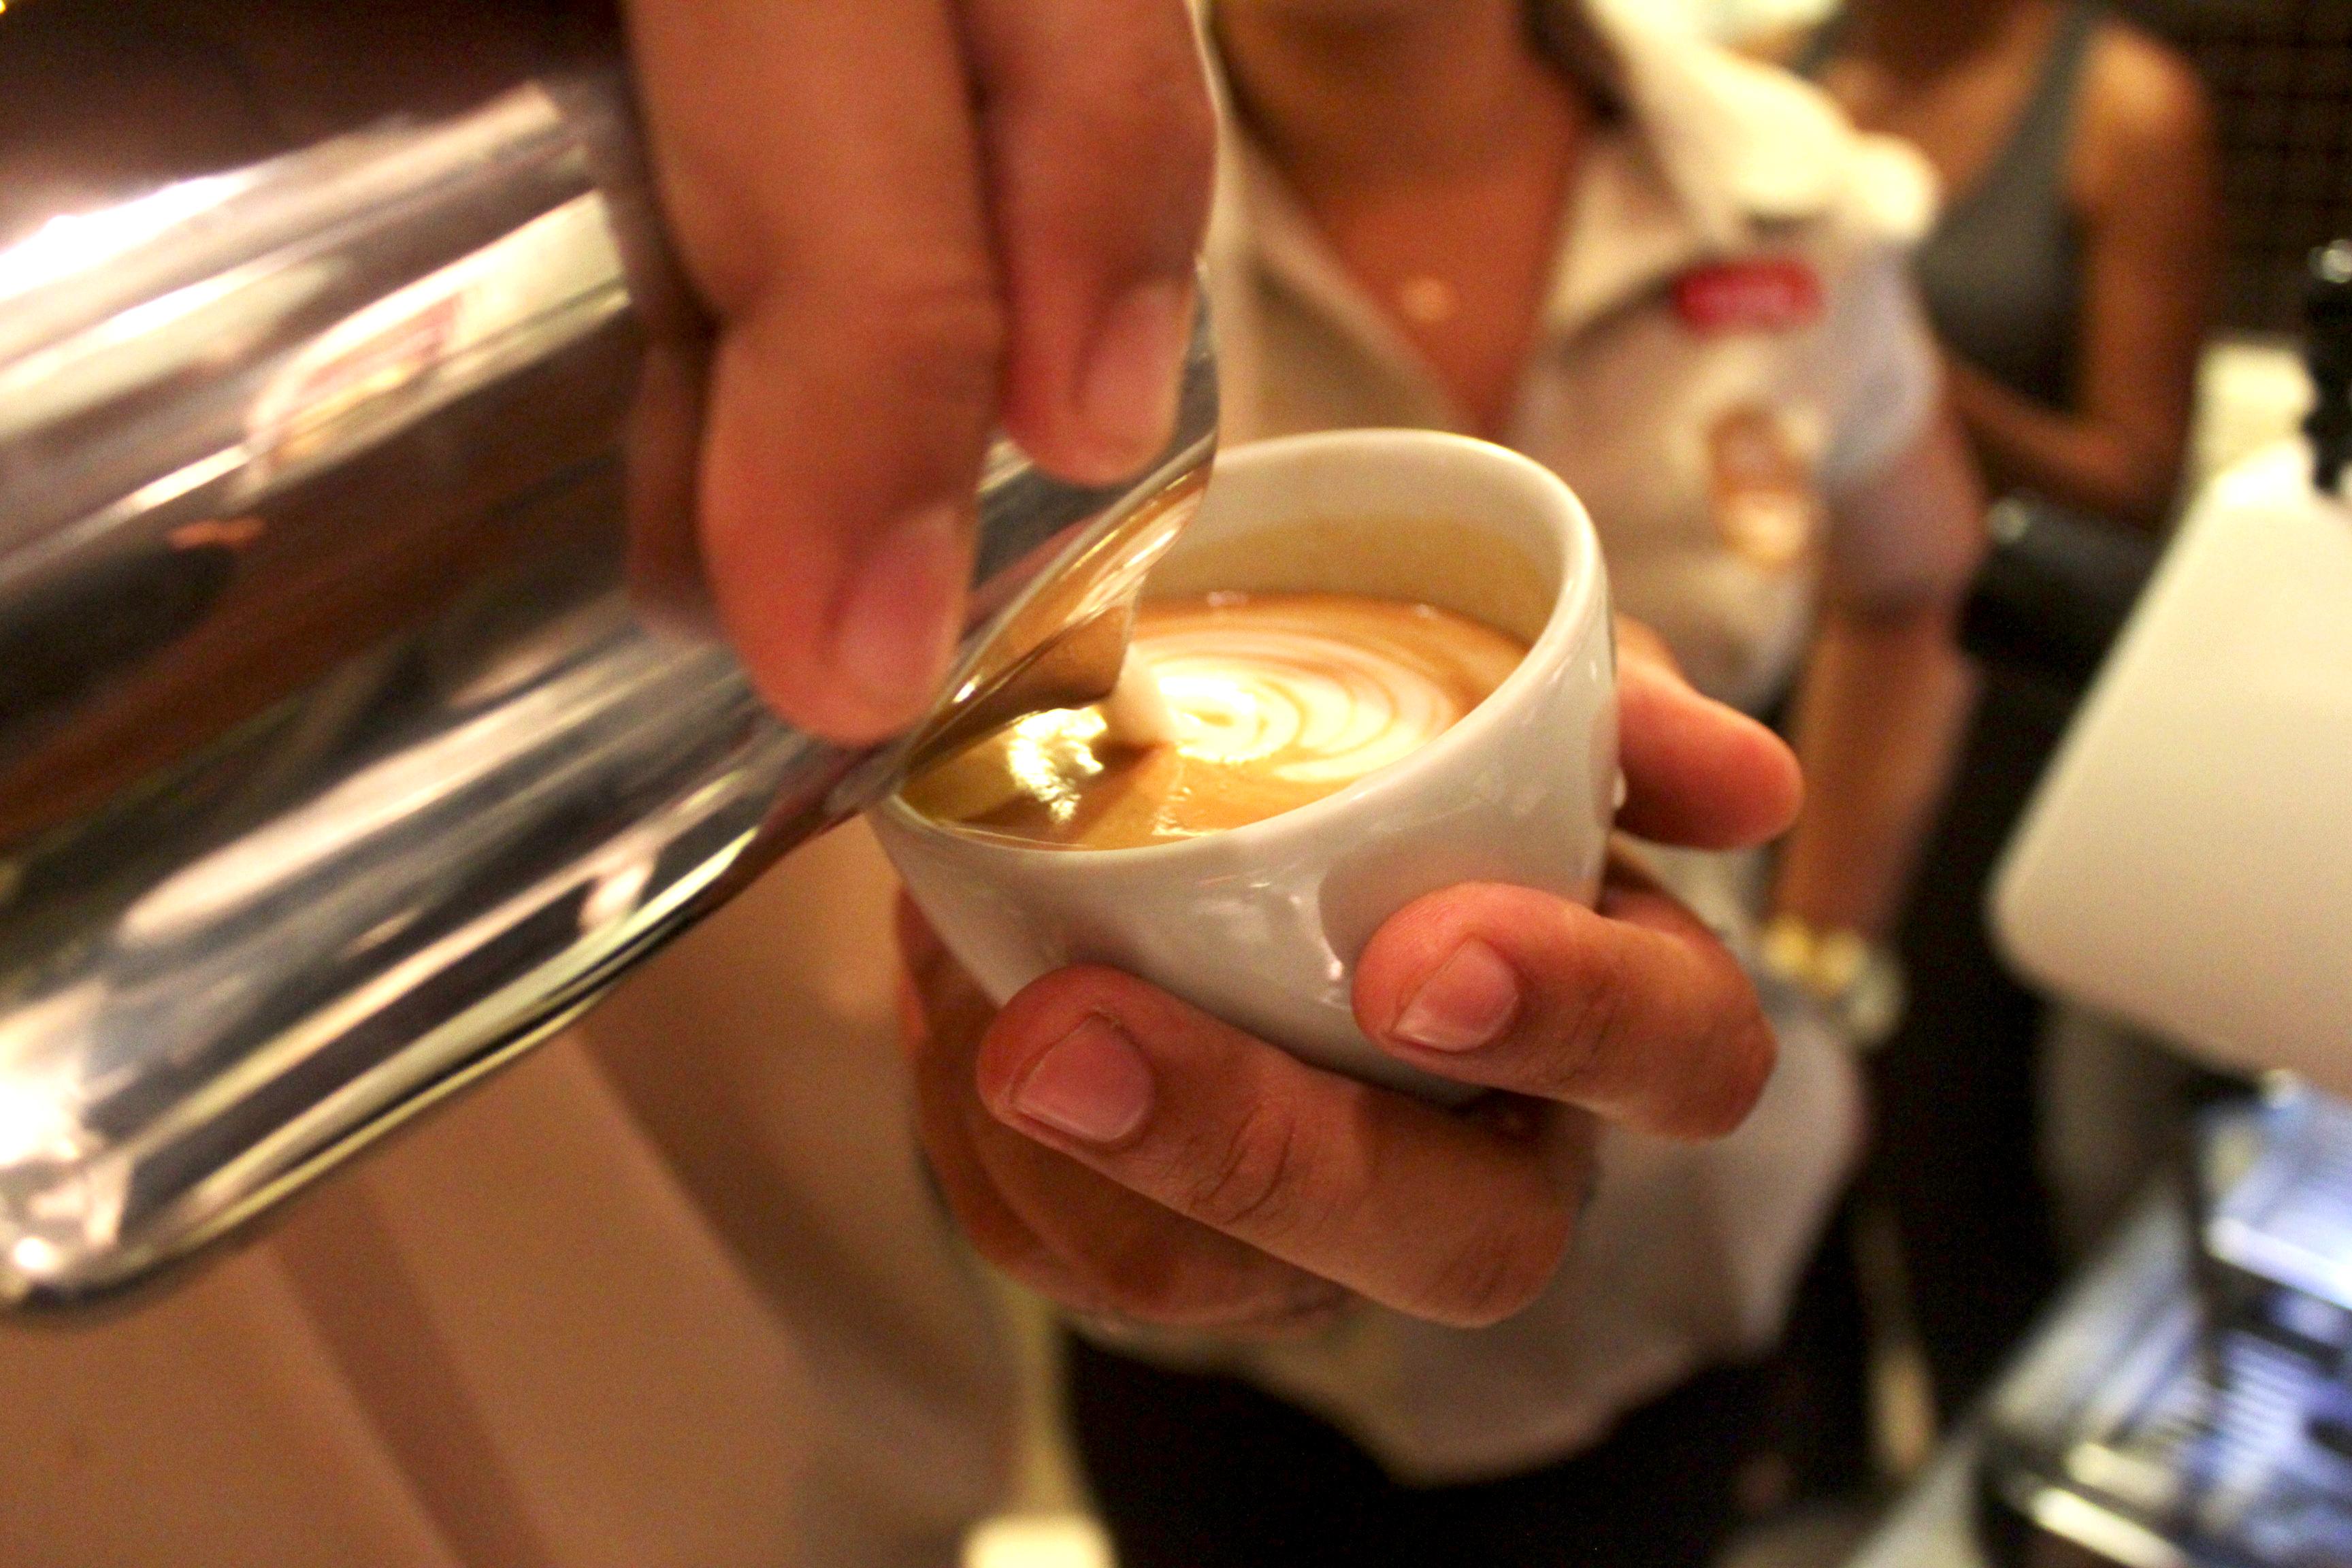 Campeonato entre baristas anima cafeteria de Salvador